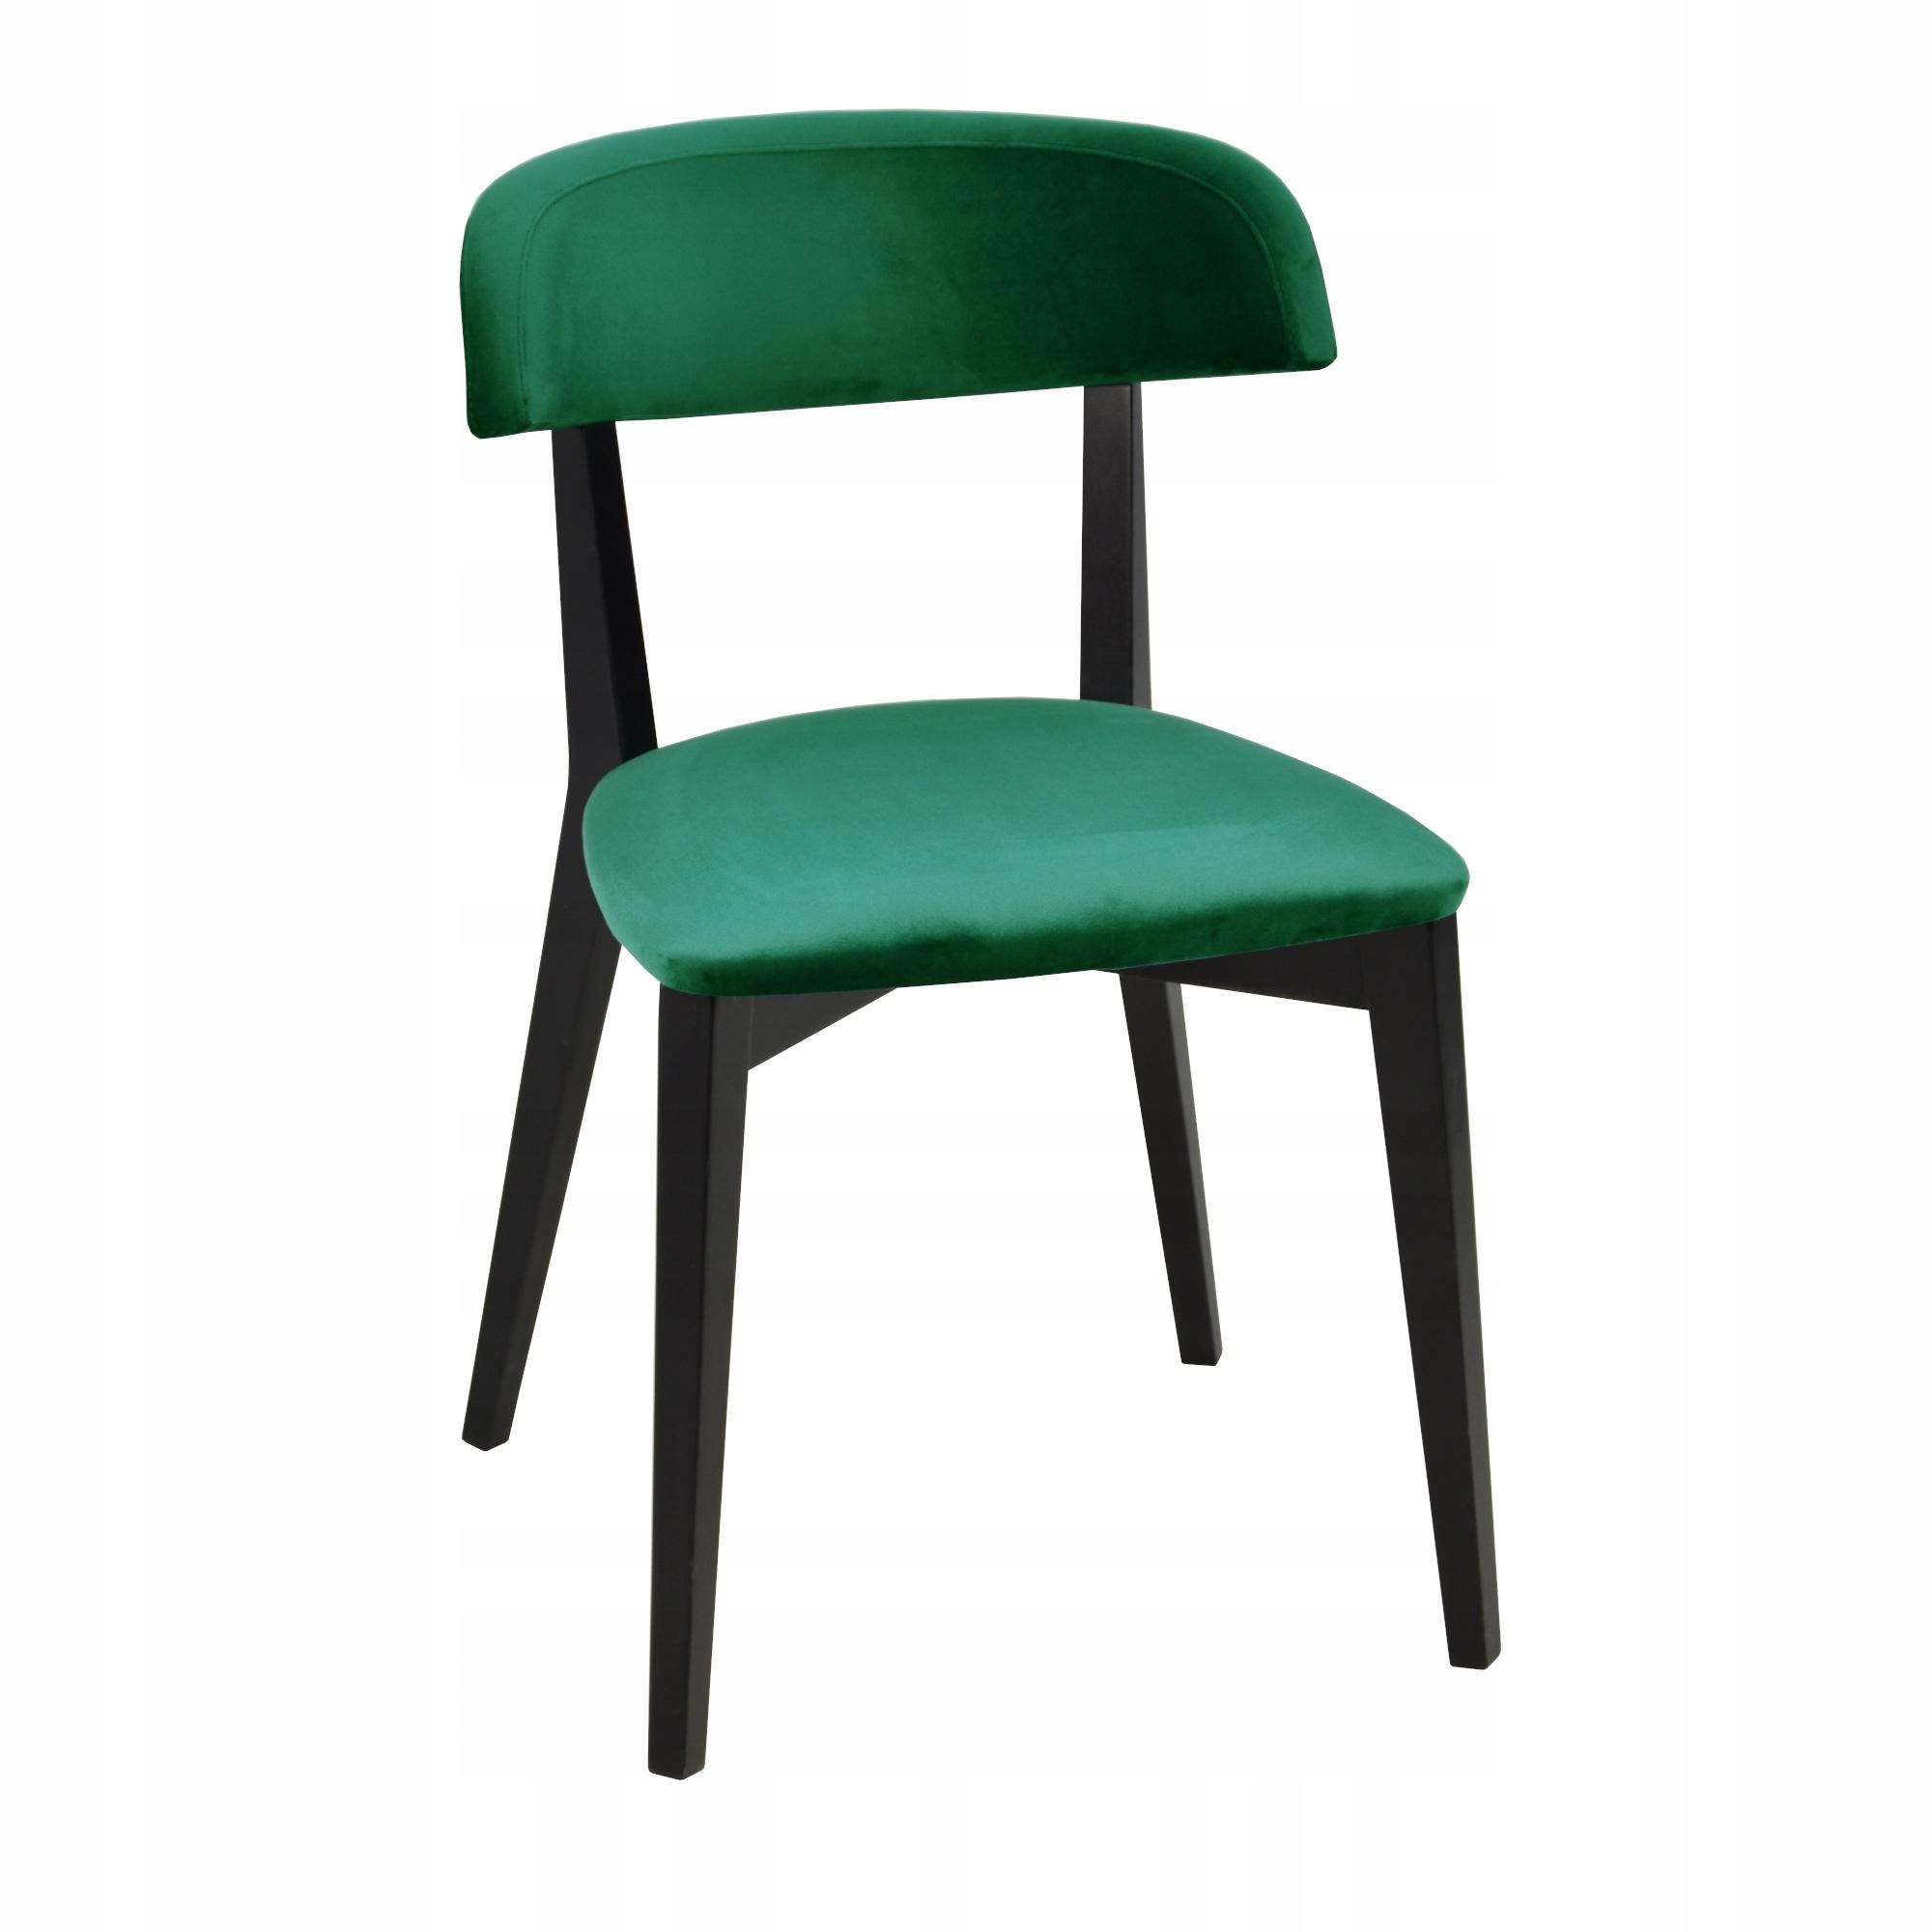 4 moderné stoličky čalúnené v EMERALD VELVET